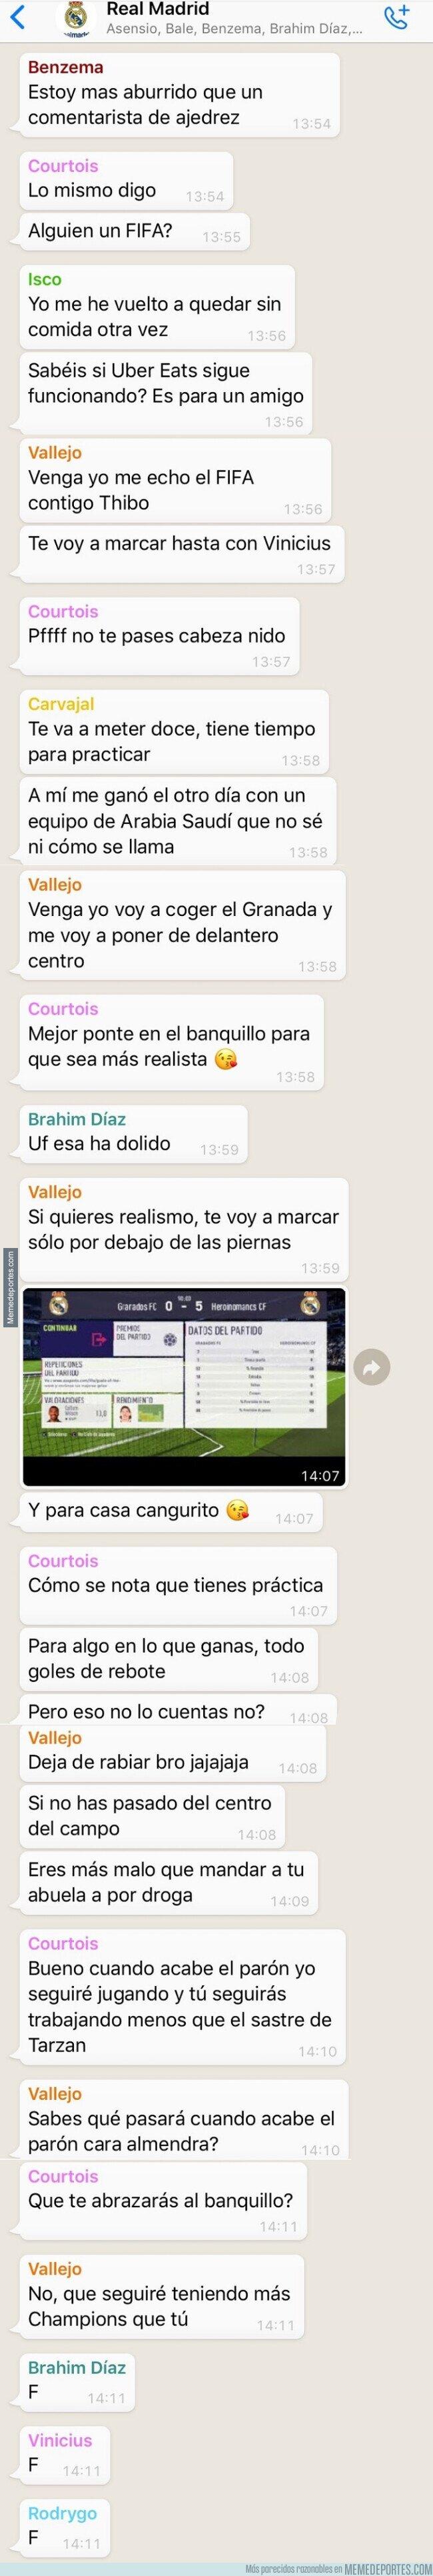 1101029 - El grupo de WhatsApp del Real Madrid durante estos días de cuarentena, por @deportes4parodia